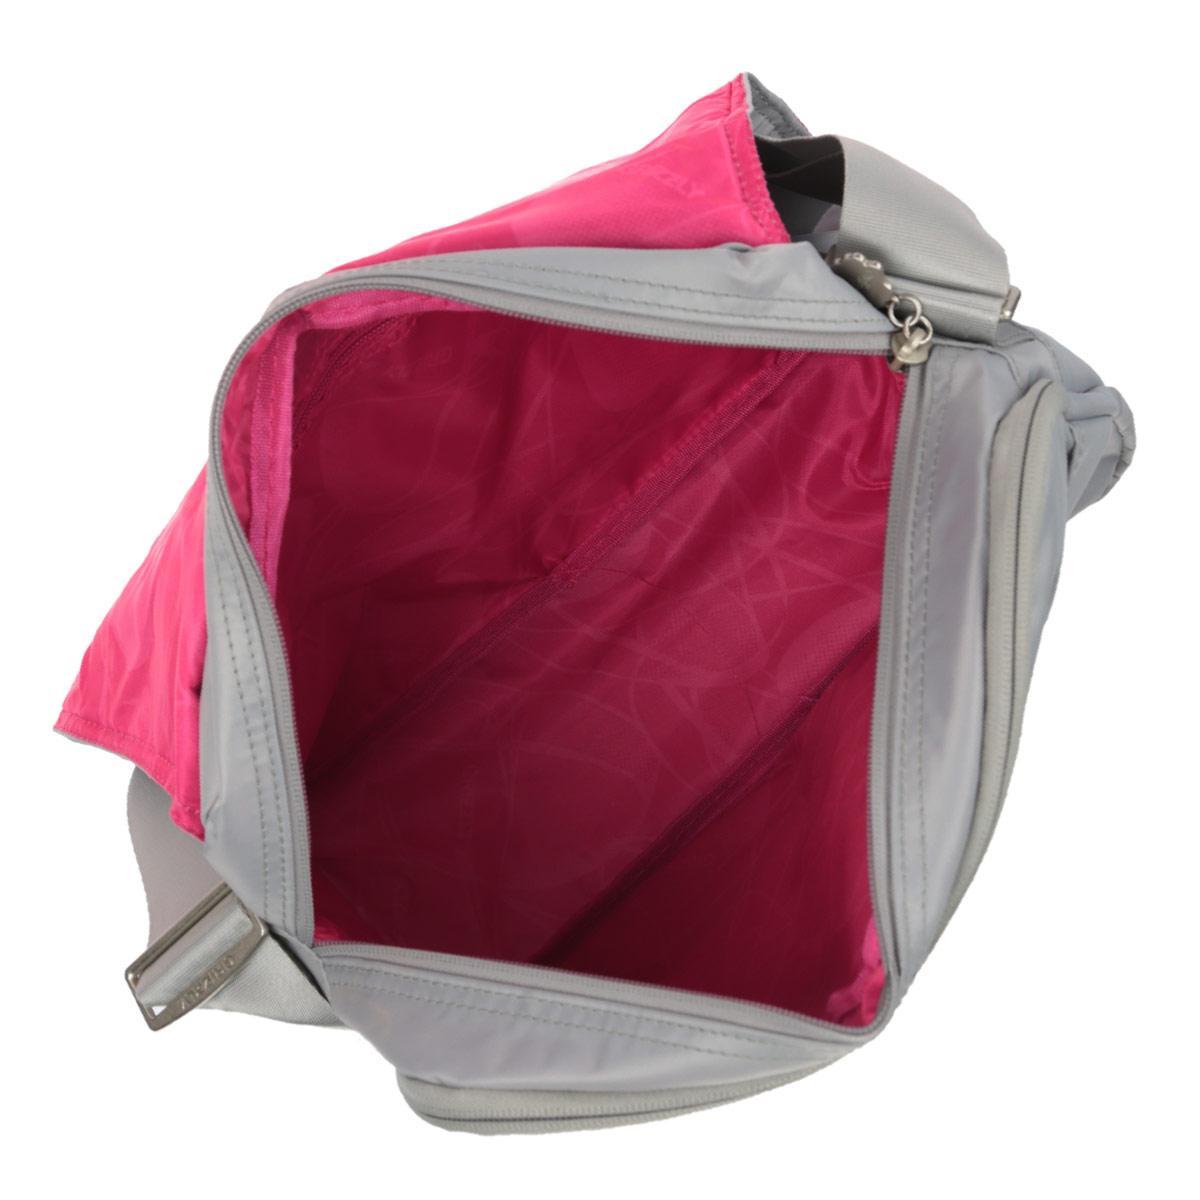 Сумка дамская наплечная с клапаном, двумя отделениями, передними и внутренними карманами, регулируемым ремнем.